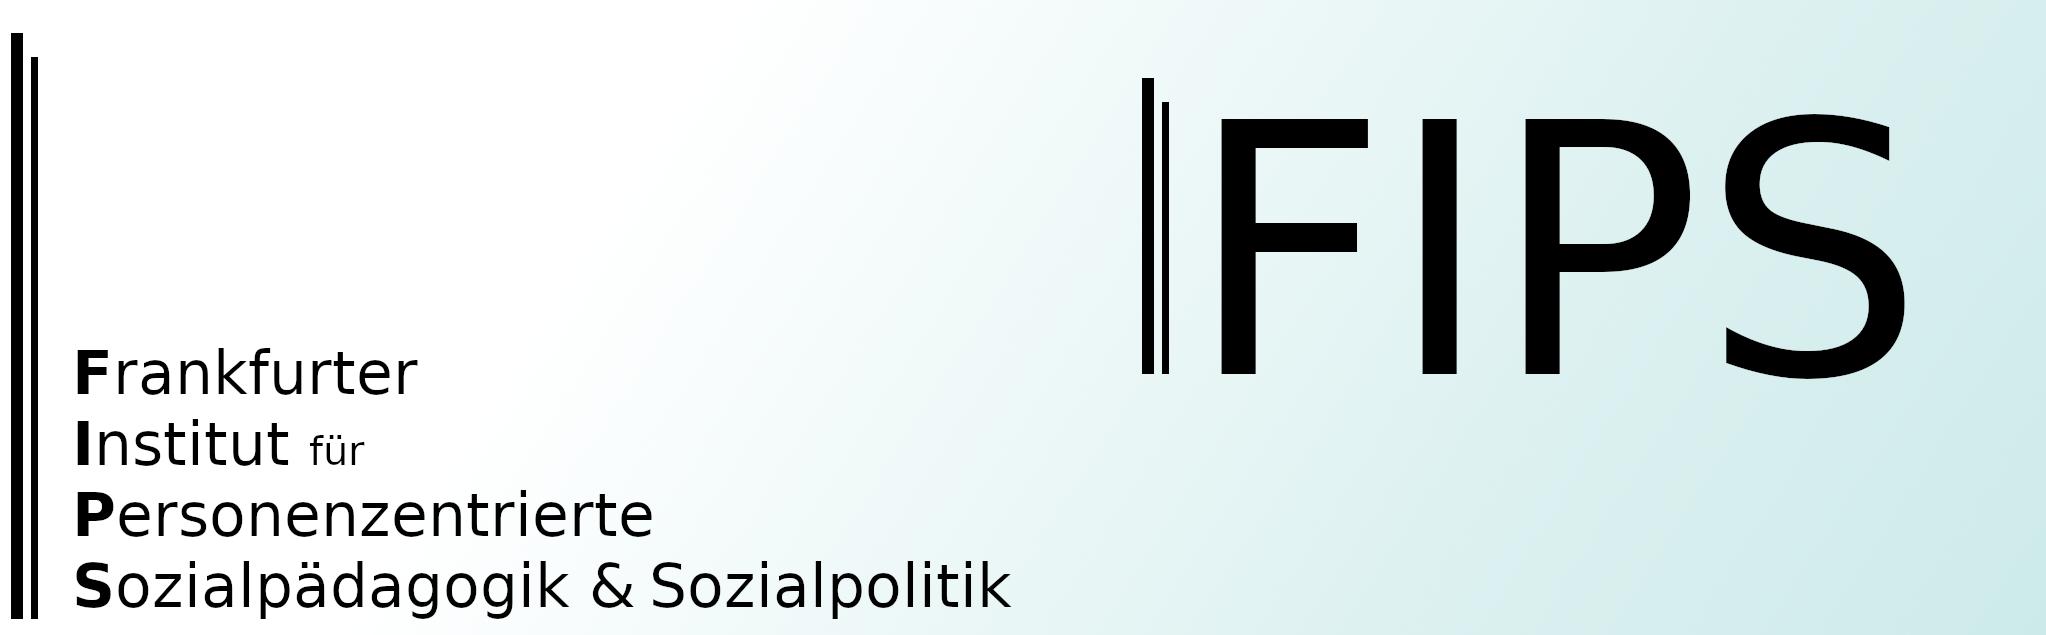 FIPS – Frankfurter Institut für Personzentrierte Sozialpädagogik und Sozialpolitik